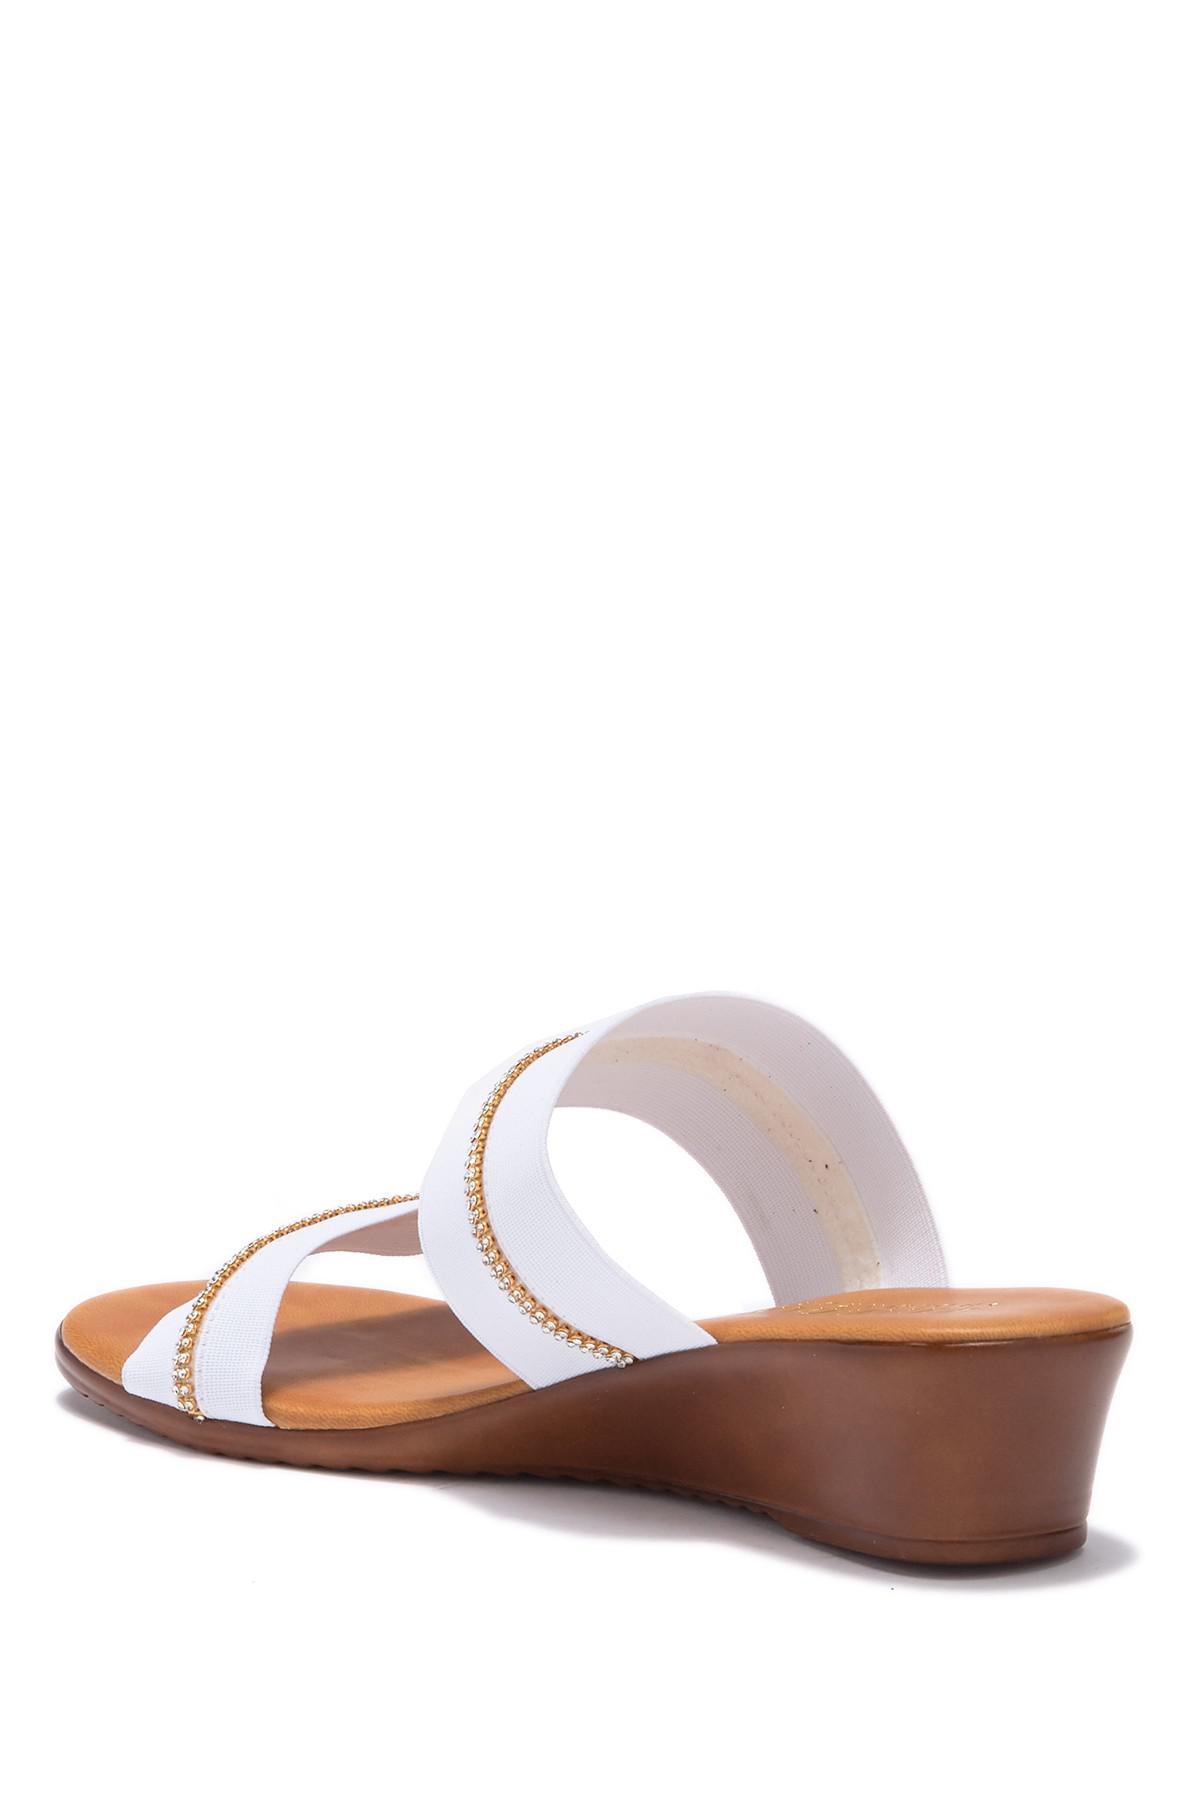 534eed6bbc Italian Shoemakers - White Jewel Embellished Wedge Sandal - Lyst. View  fullscreen